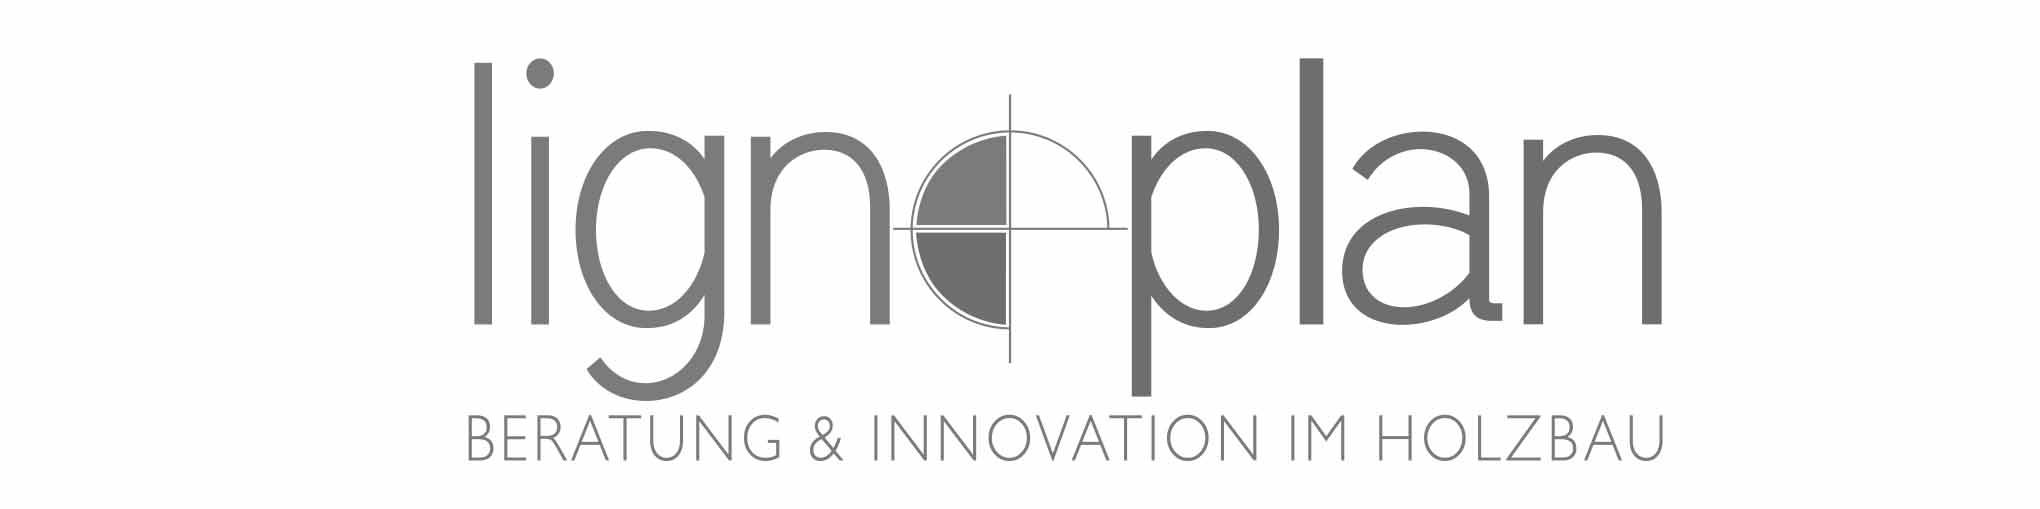 logos_lignoplan